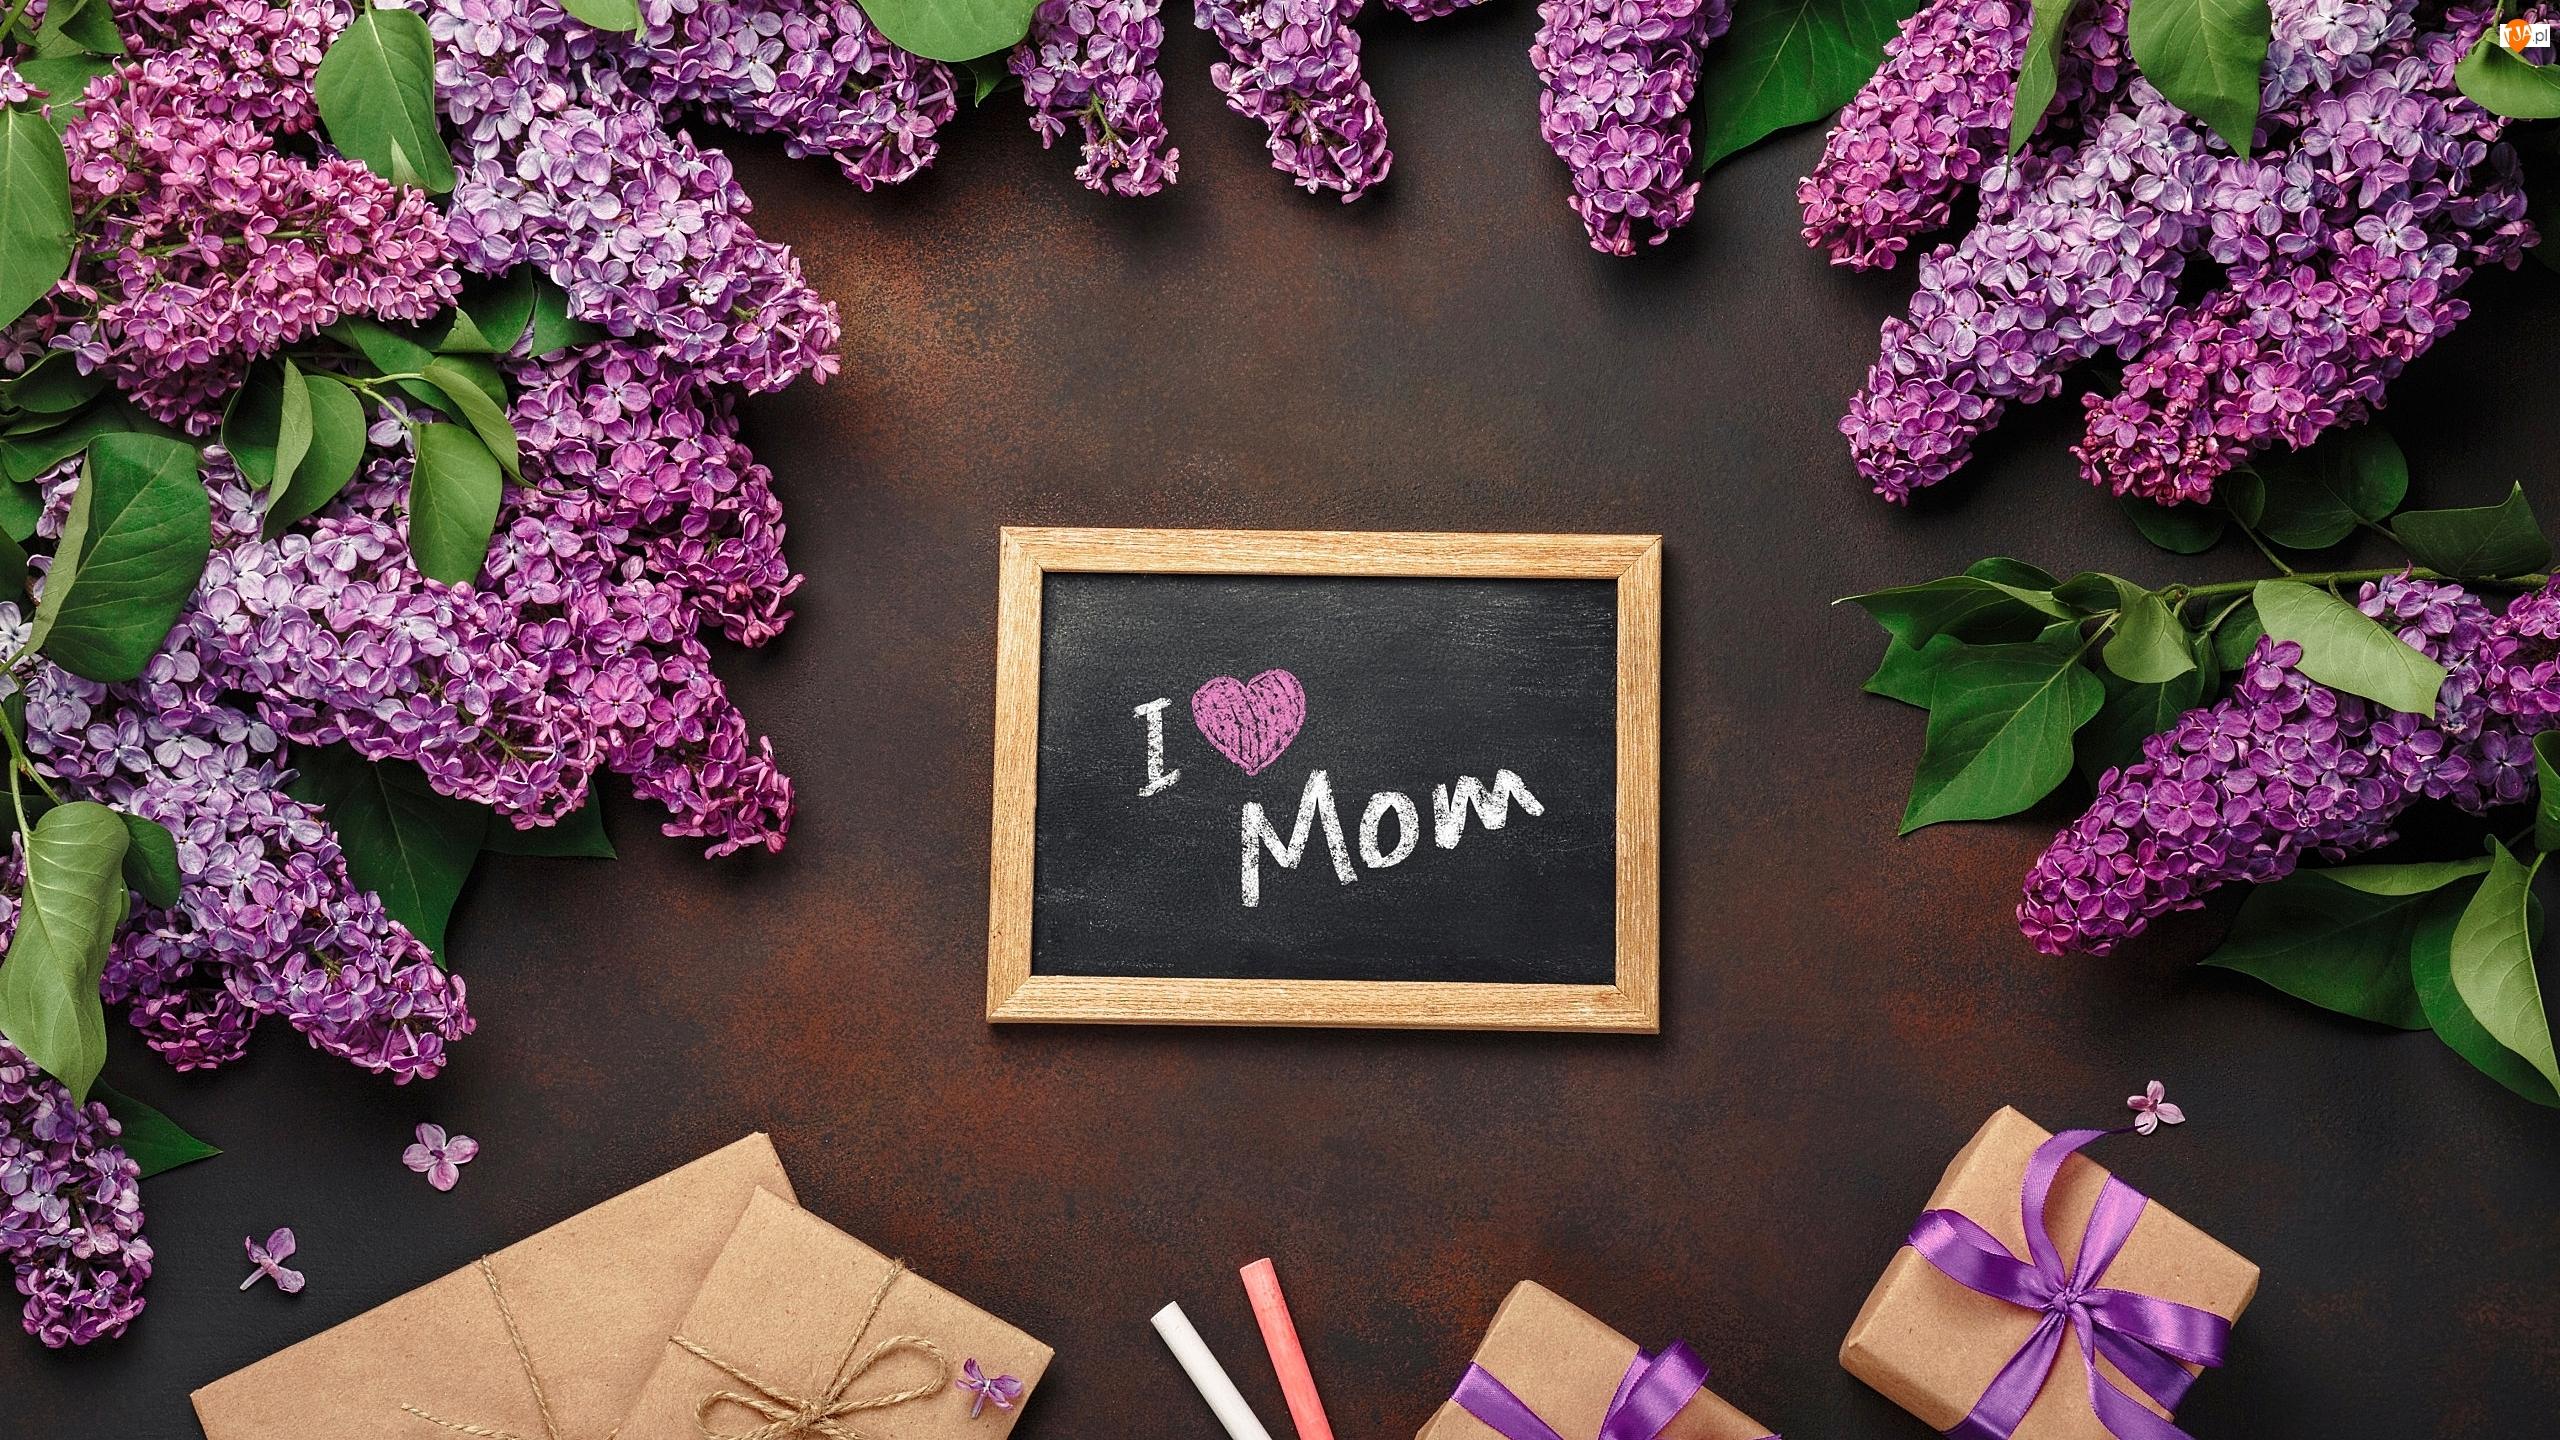 Prezenty, Kwiat, Tabliczka, Kreda, Bez, Życzenia, Dzień Matki, Liście